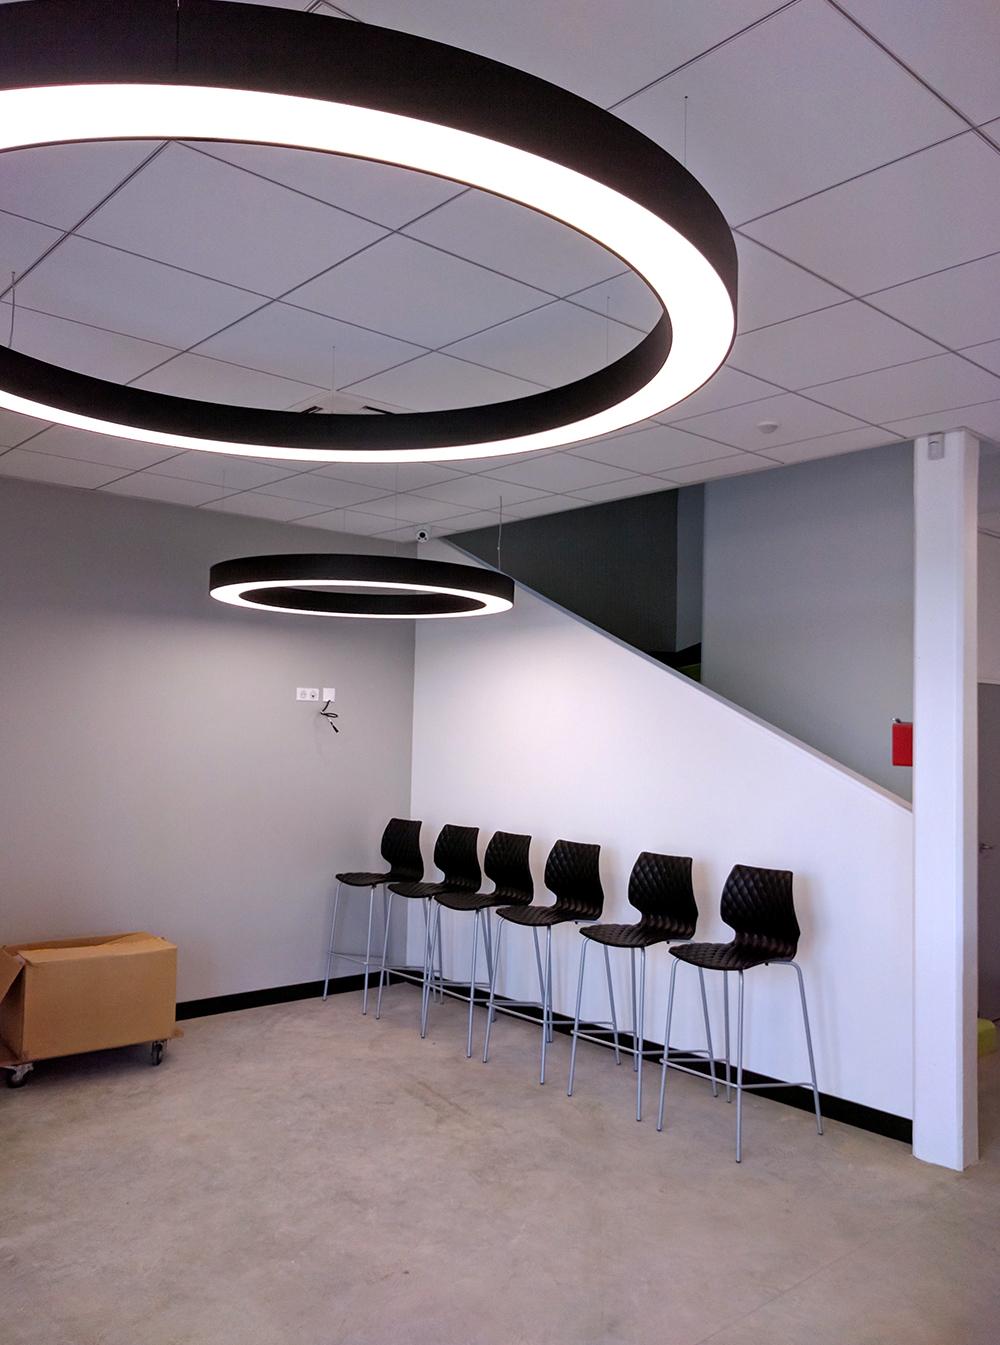 Chouette-architecture-CFAI-1000-14